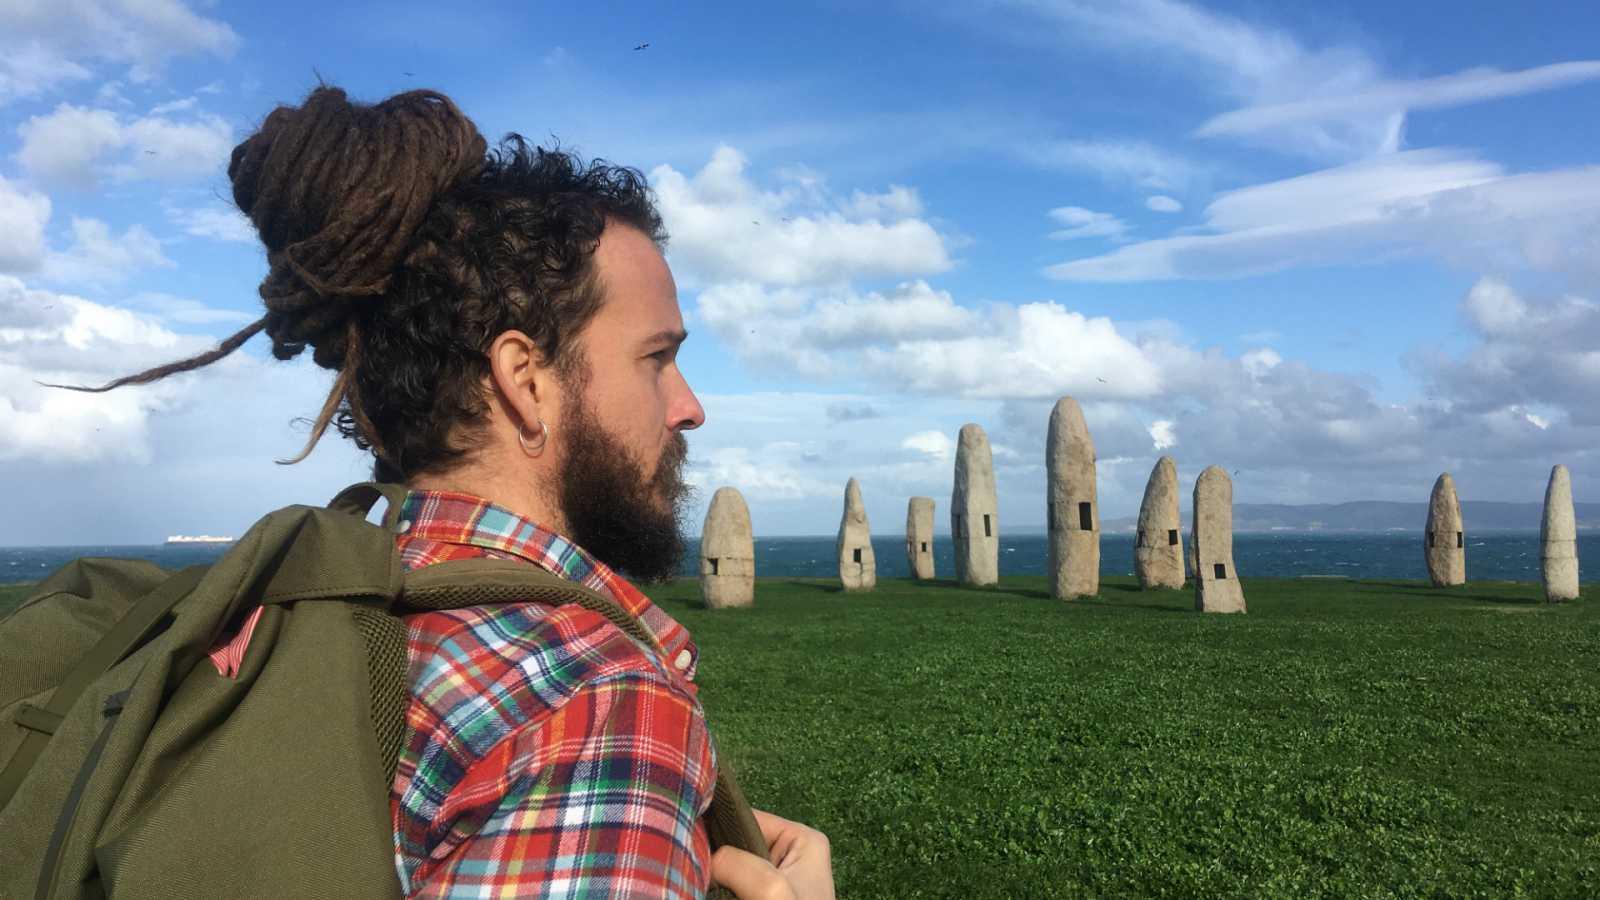 Surfeando sofás - 'Surfeando Sofás', el nuevo programa de viajes de Playz que mostrará la hospitalidad de España y cómo viajar con bajo presupuesto